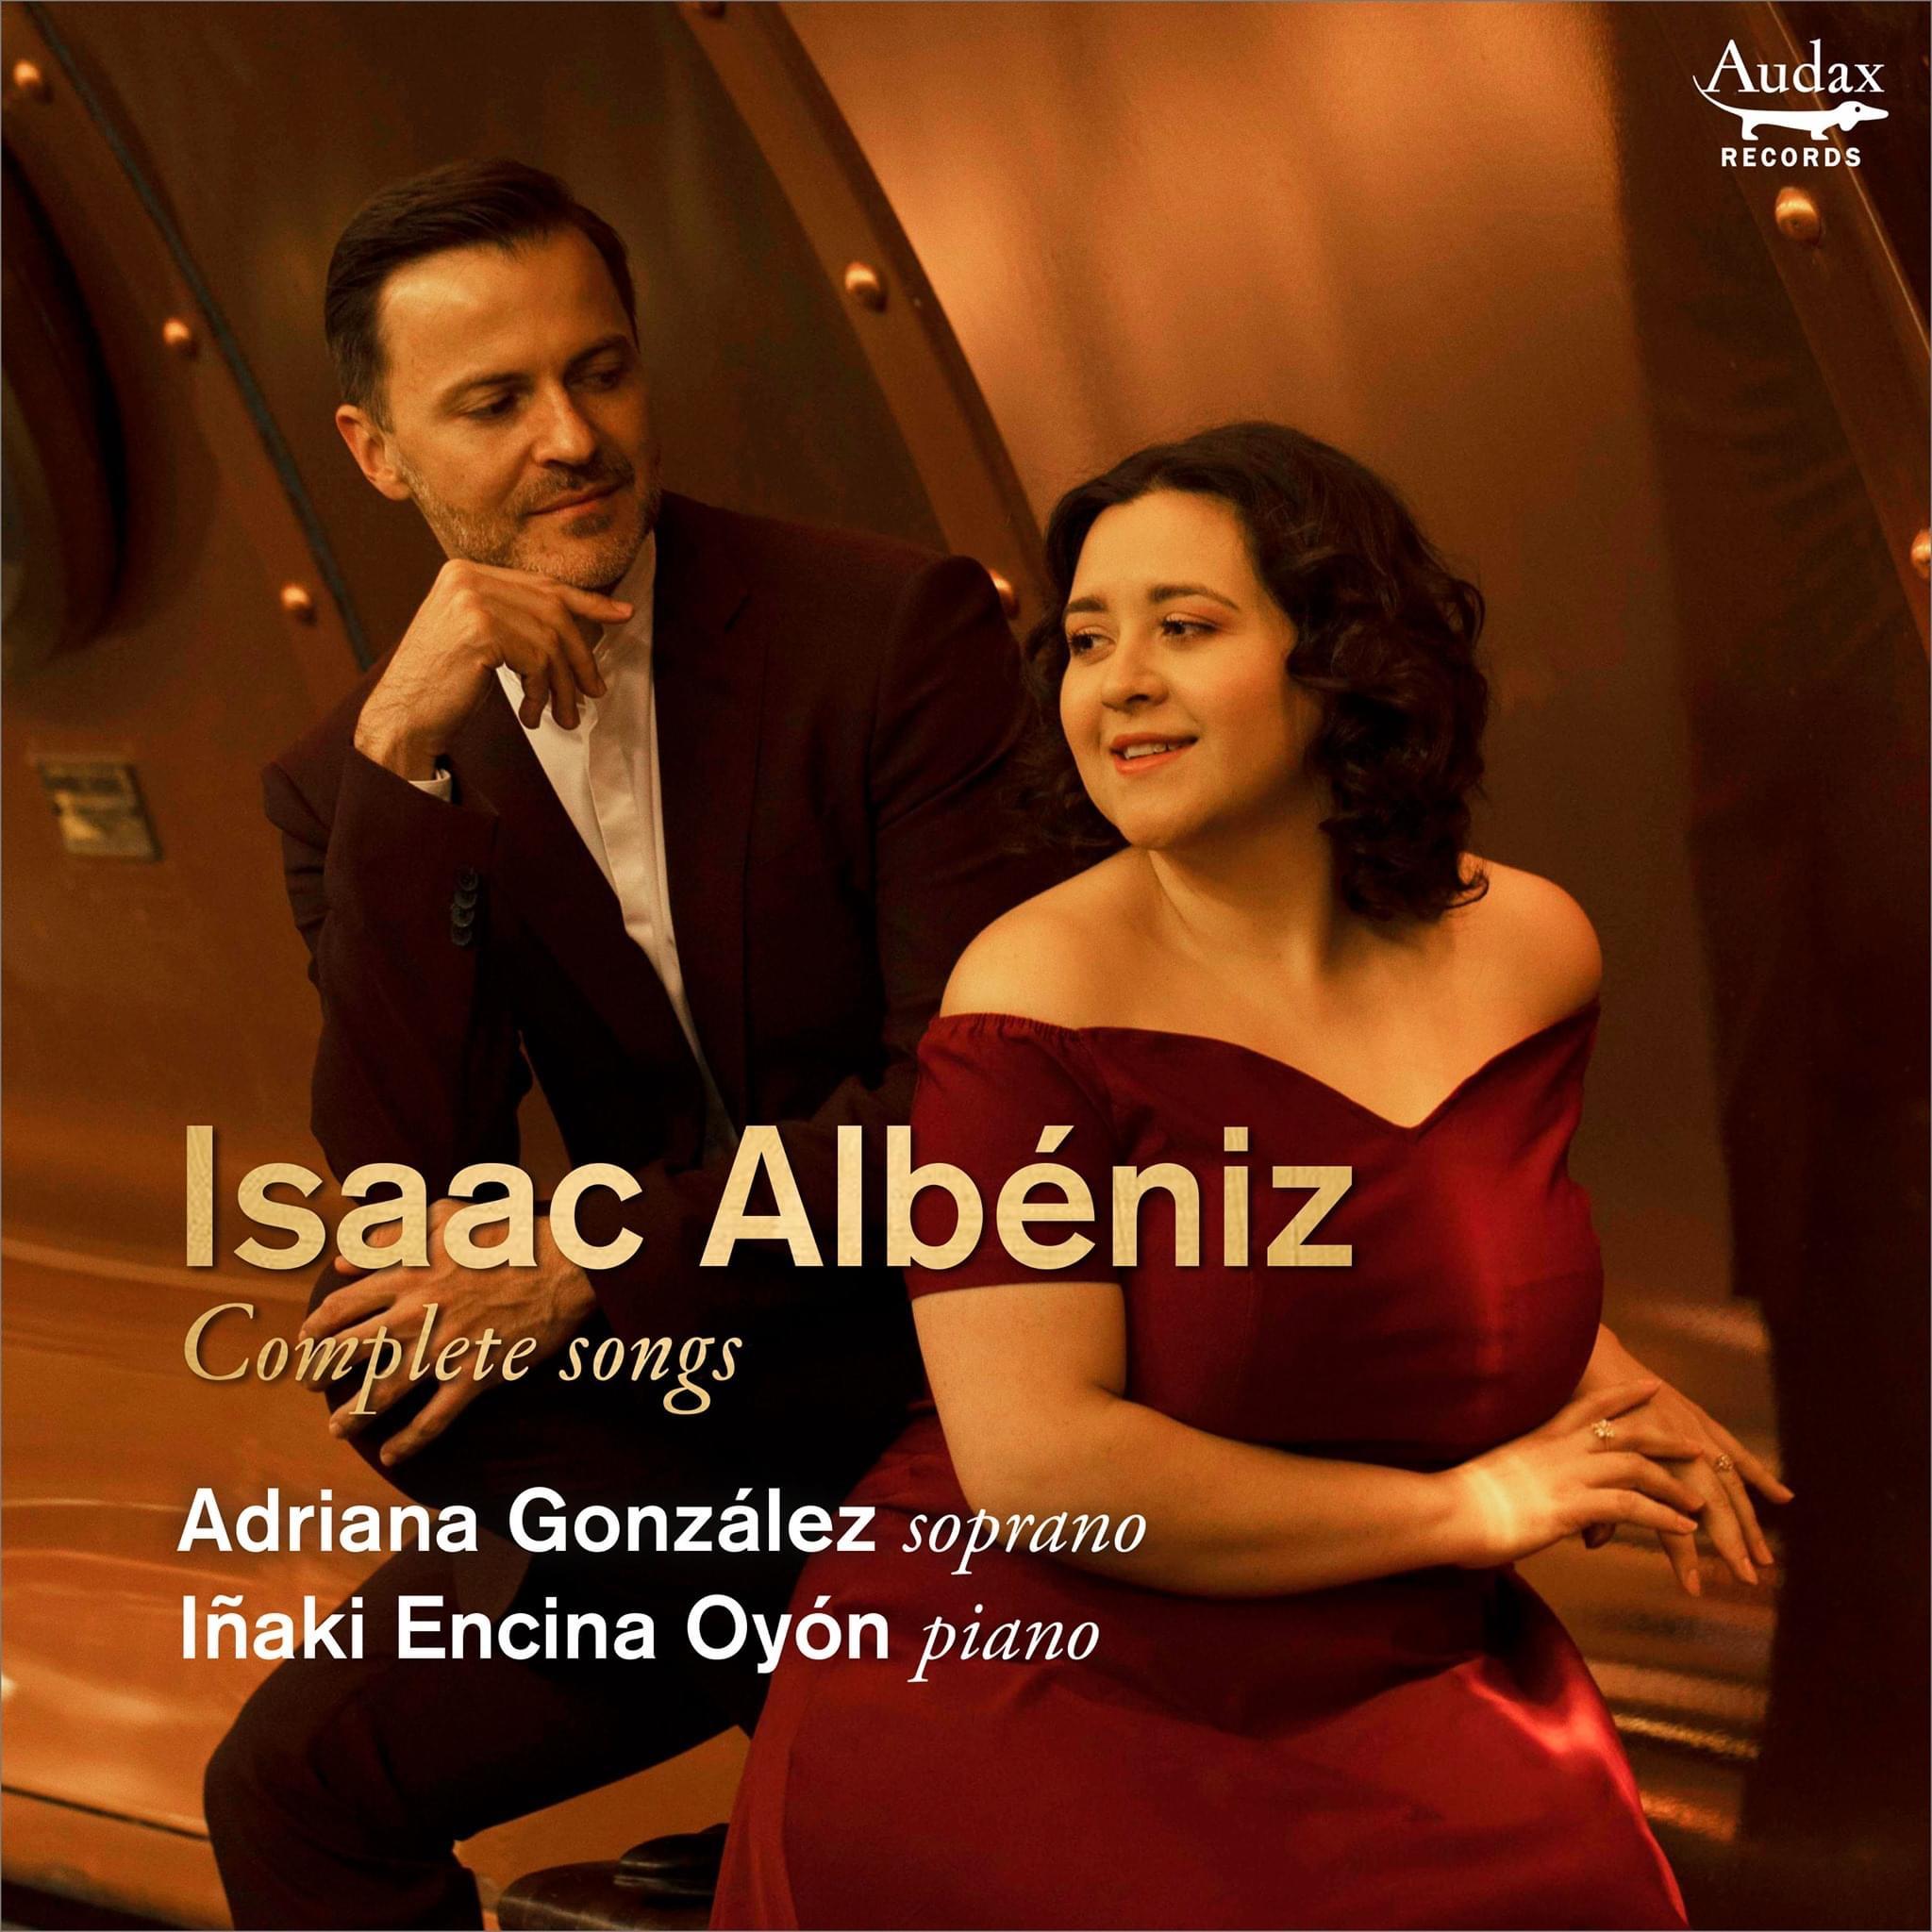 ADRIANA GONZALEZ – CD Release– Albéniz Complete Songs